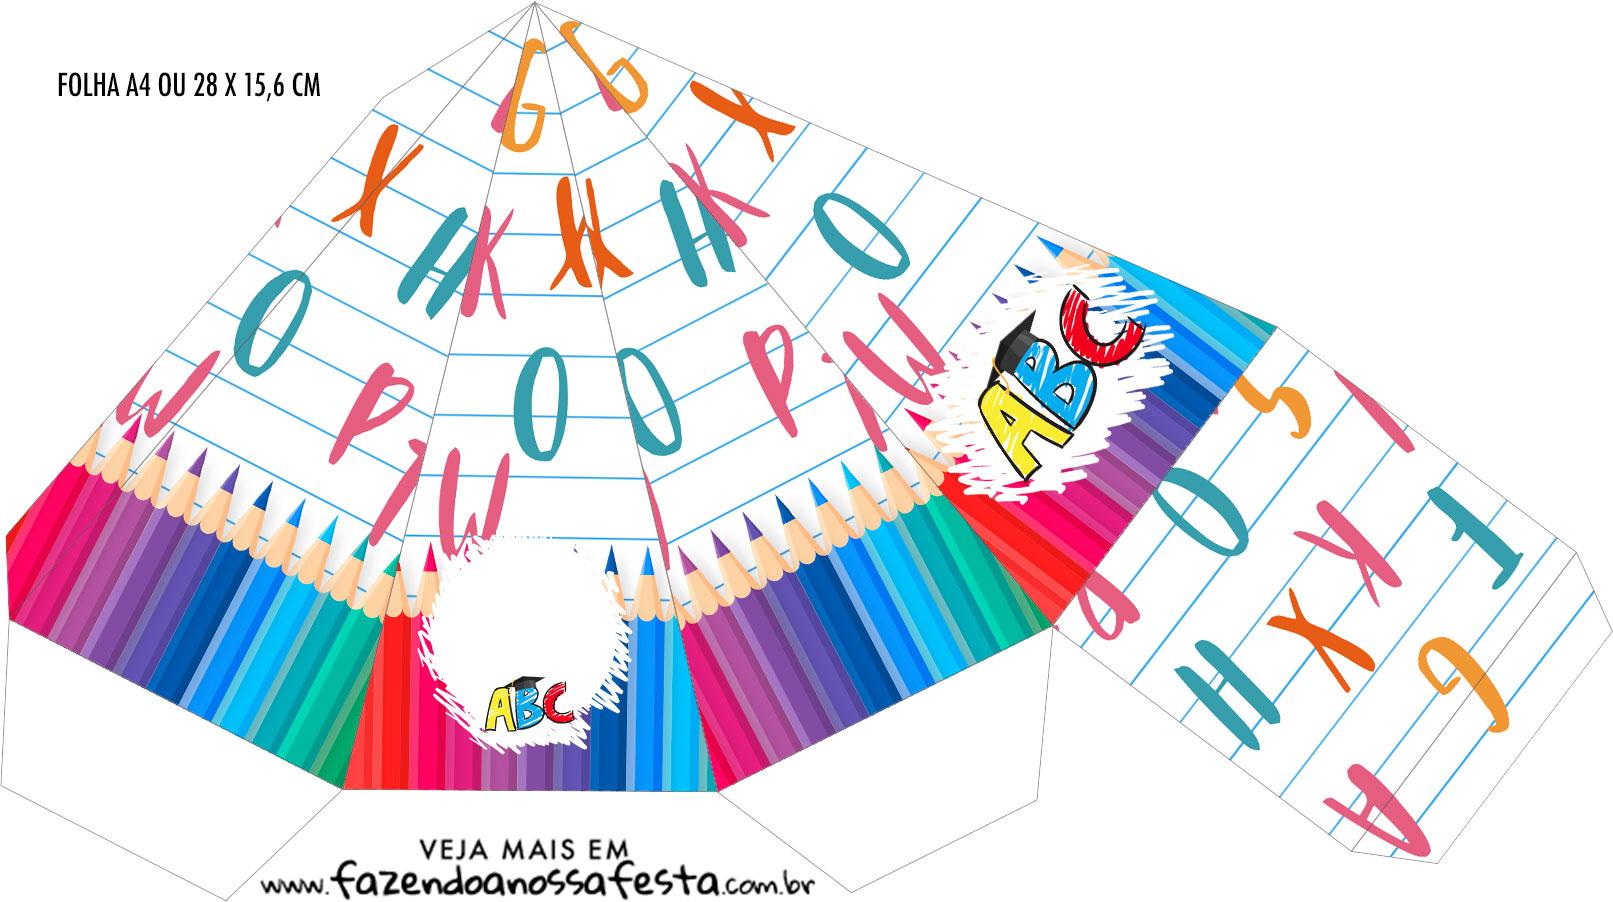 Caixa Piramide Formatura ABC